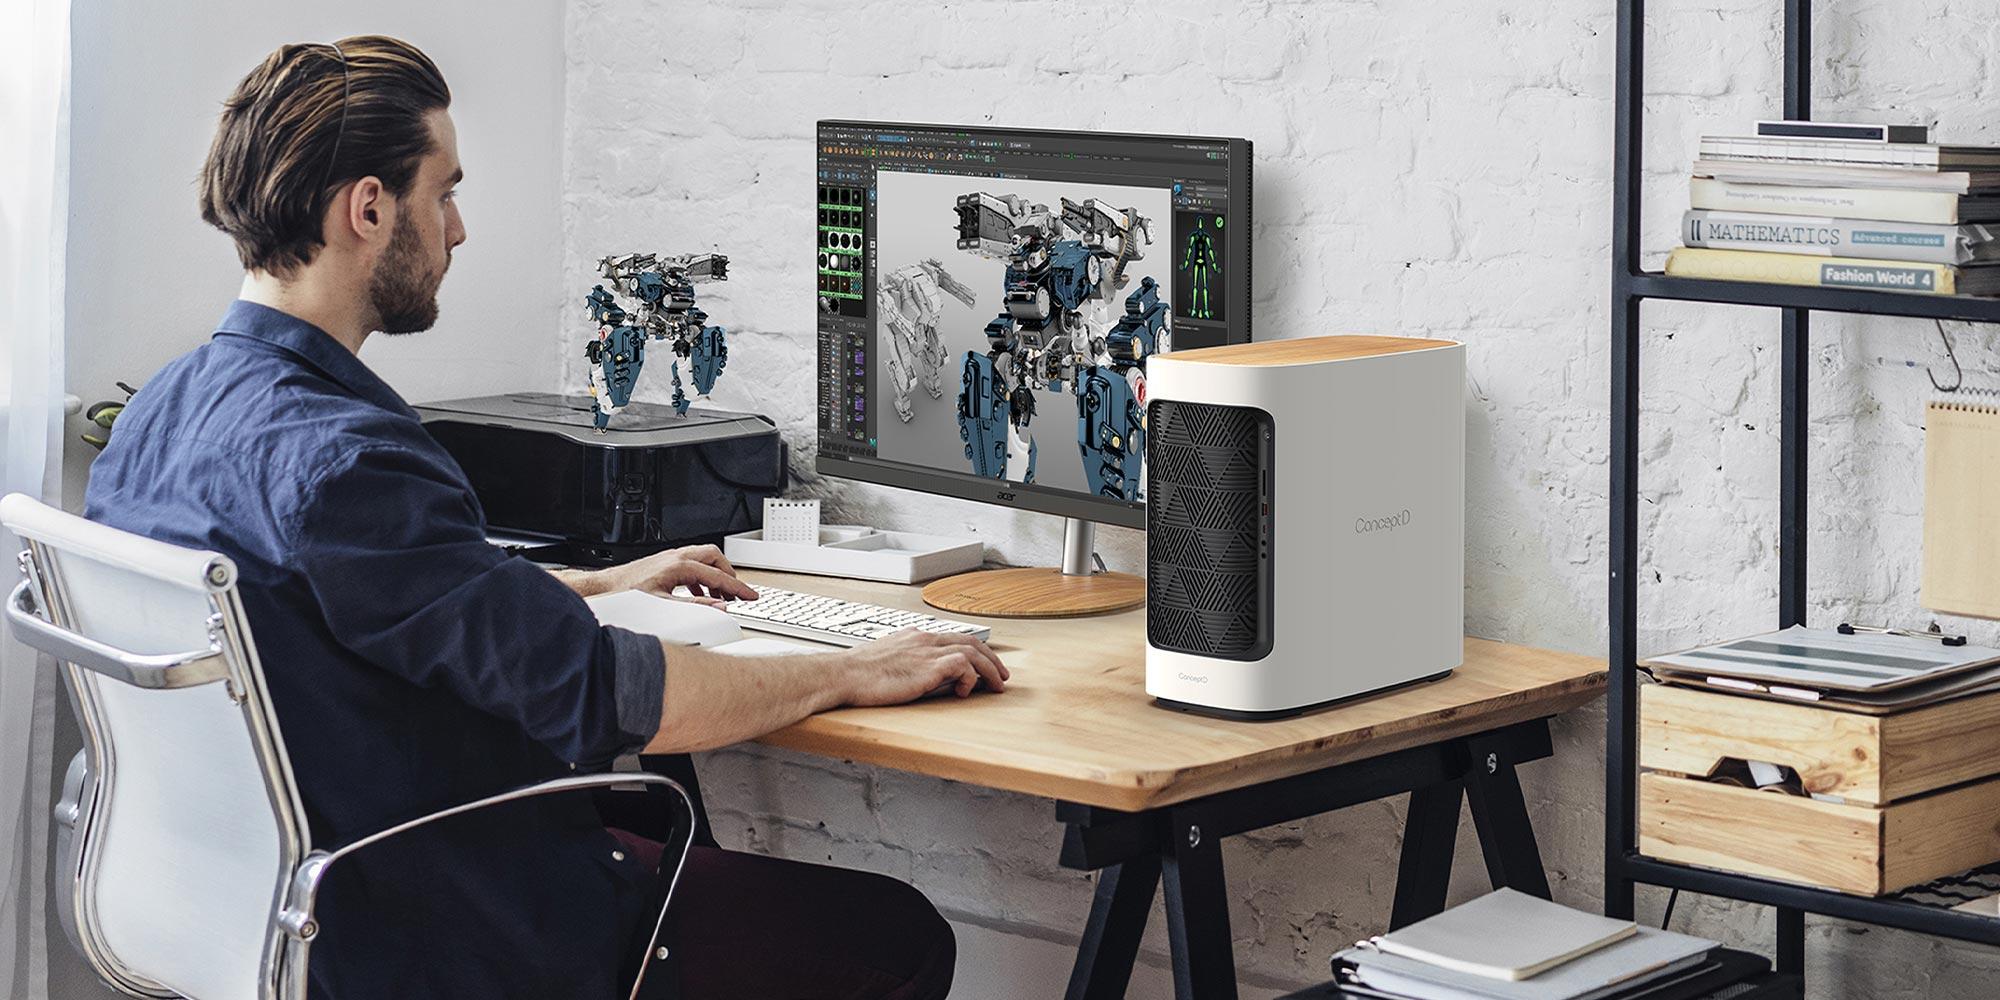 acer conceptd 300 desktop